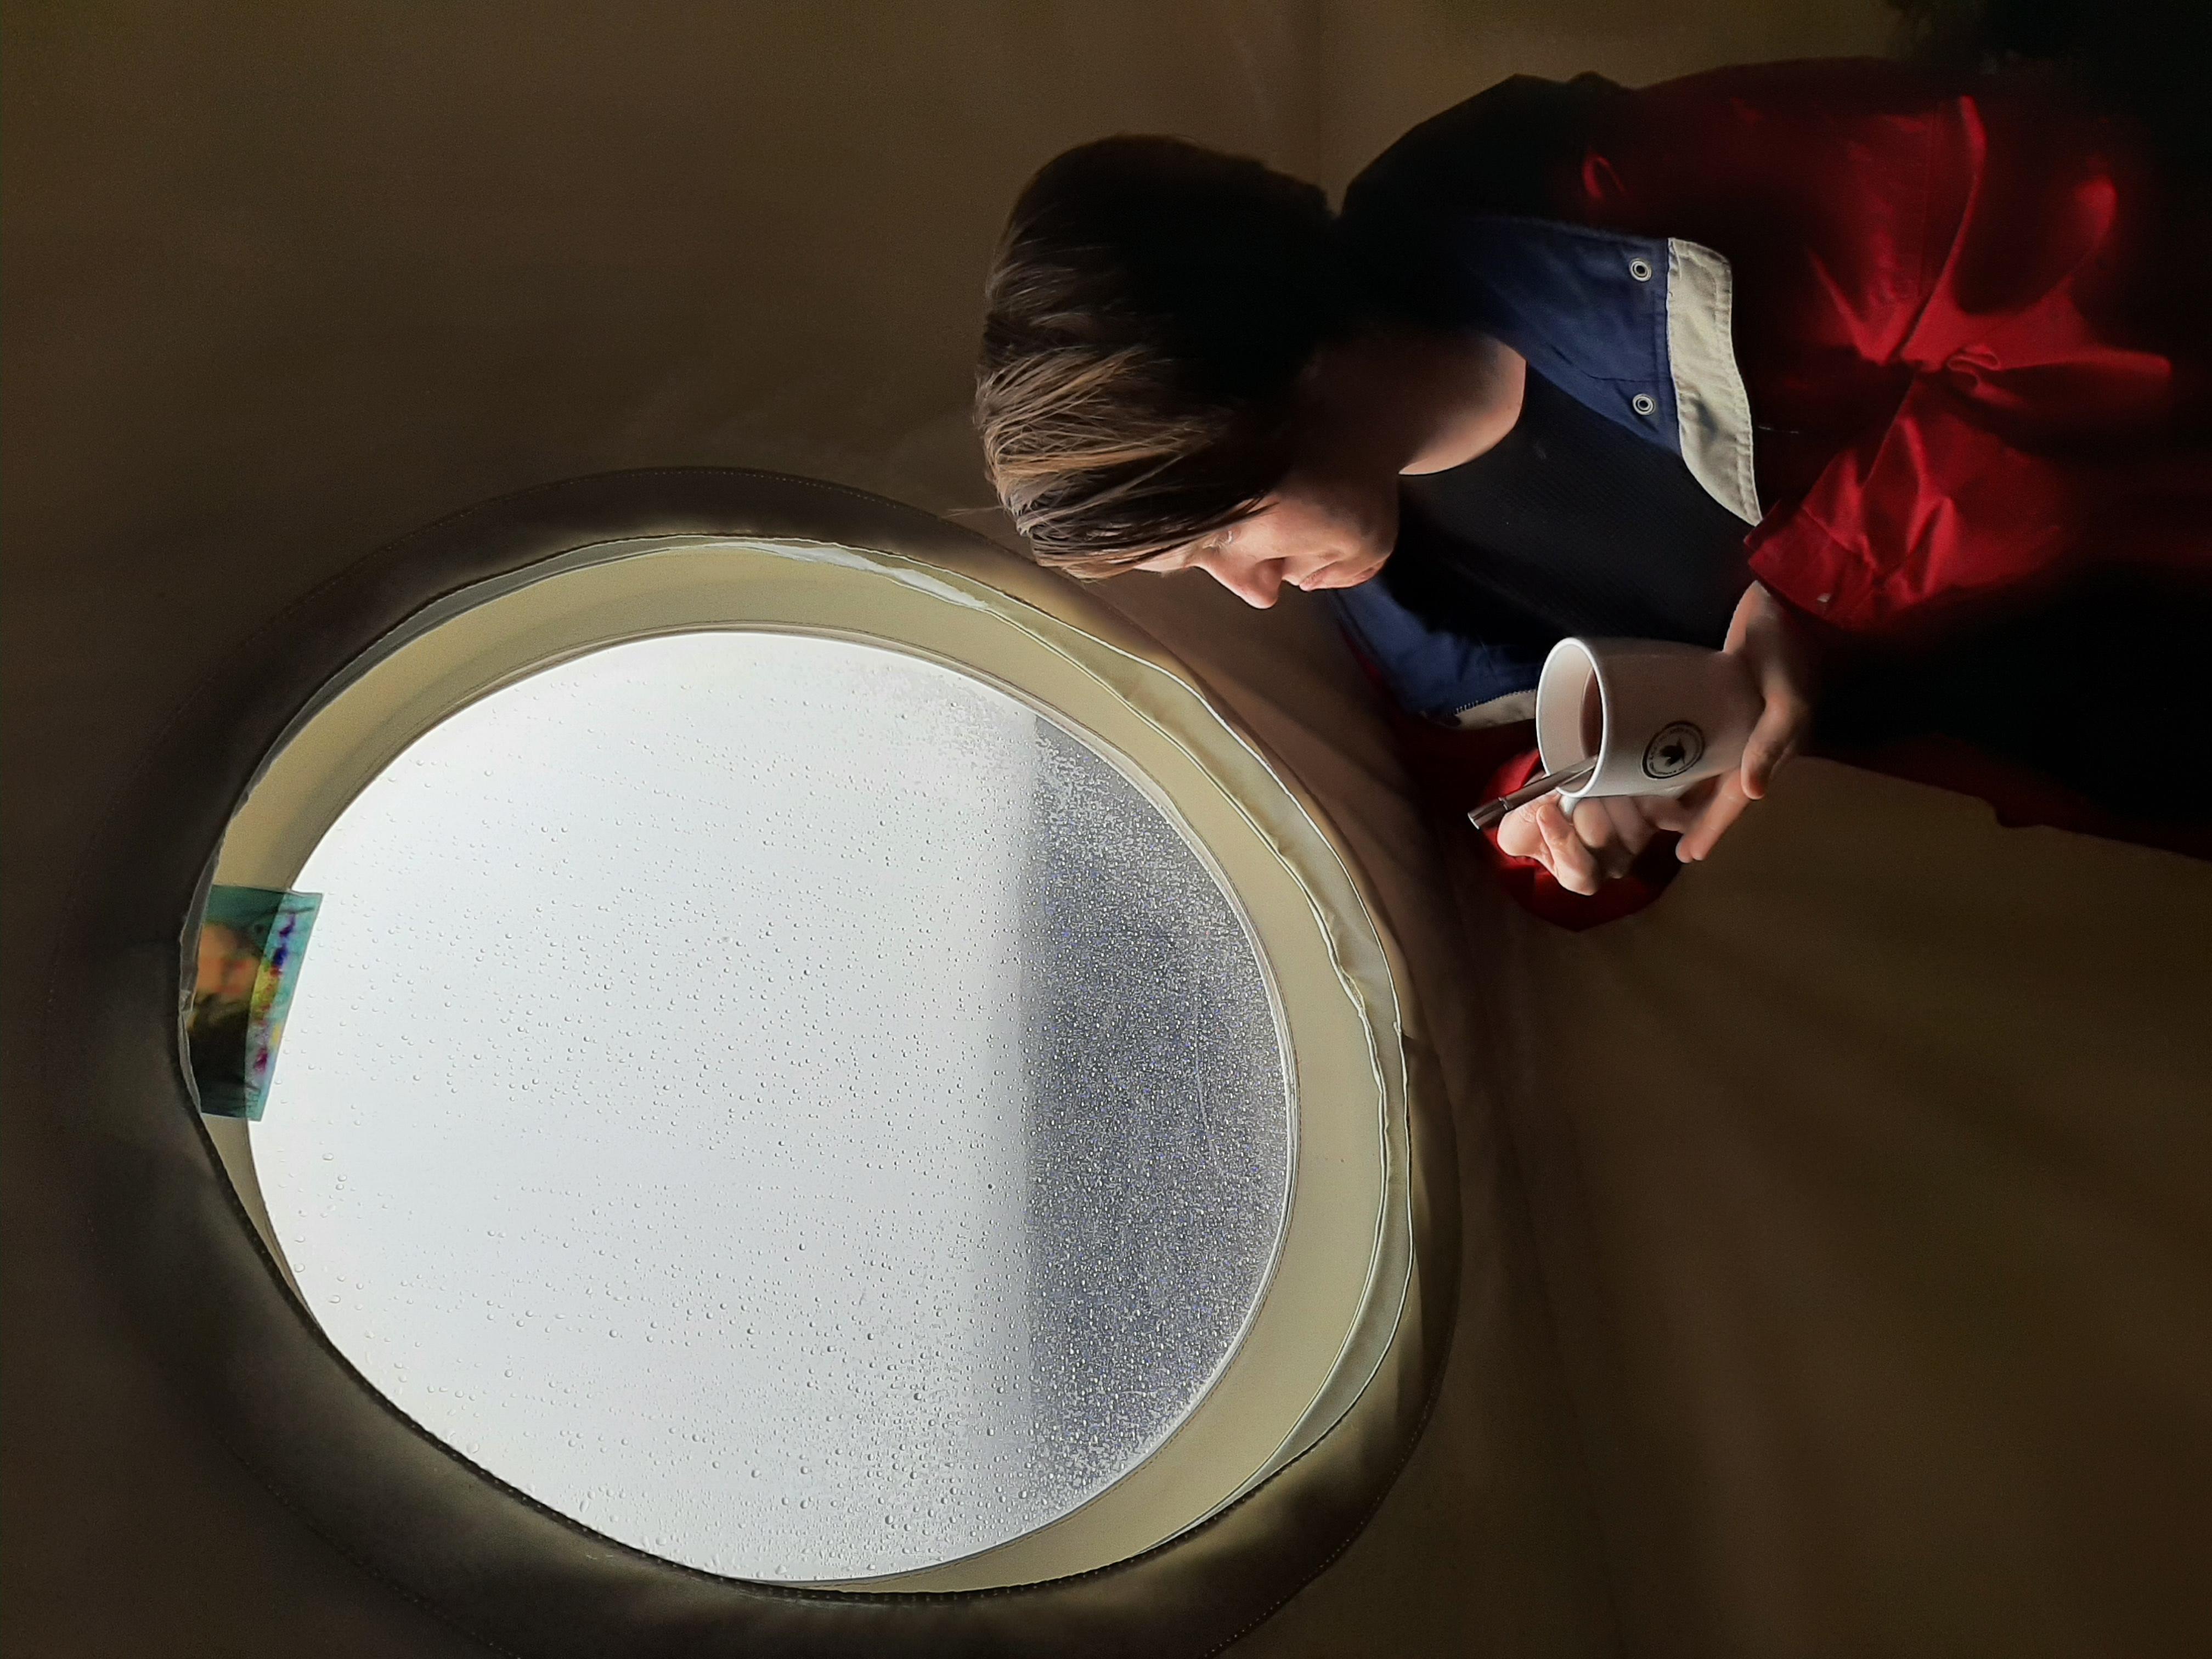 Crew Bioengineer Zoe Maxwell regarde tristement l'une des deux fenêtres de HI-SEAS, car la vue est celle de nuages gris depuis plus d'une semaine.